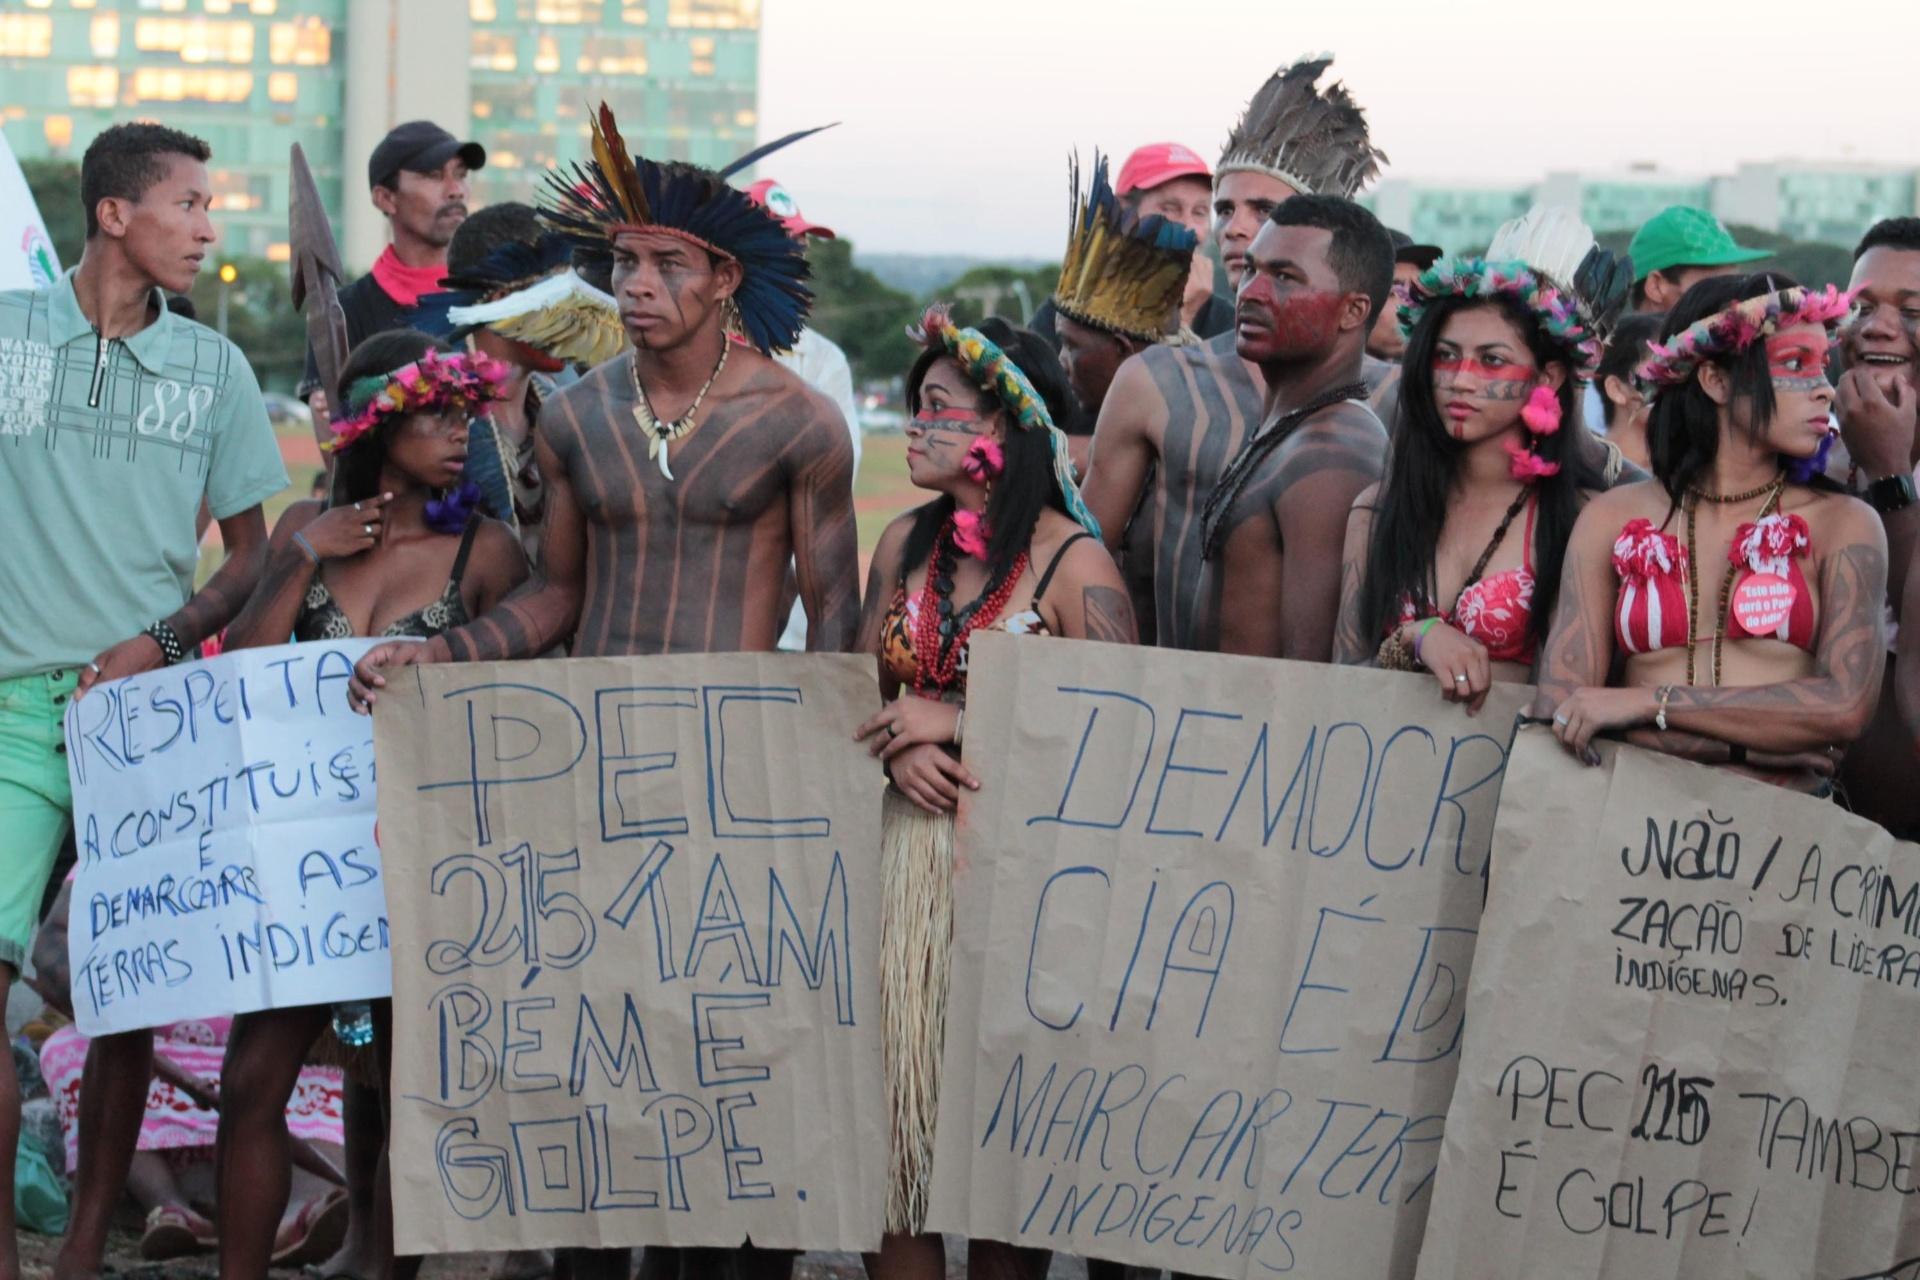 14.abr.2016 - Indígenas participam de manifestação contra o impeachment da presidente Dilma Rousseff, em Brasília. Eles carregam cartazes com mensagem como